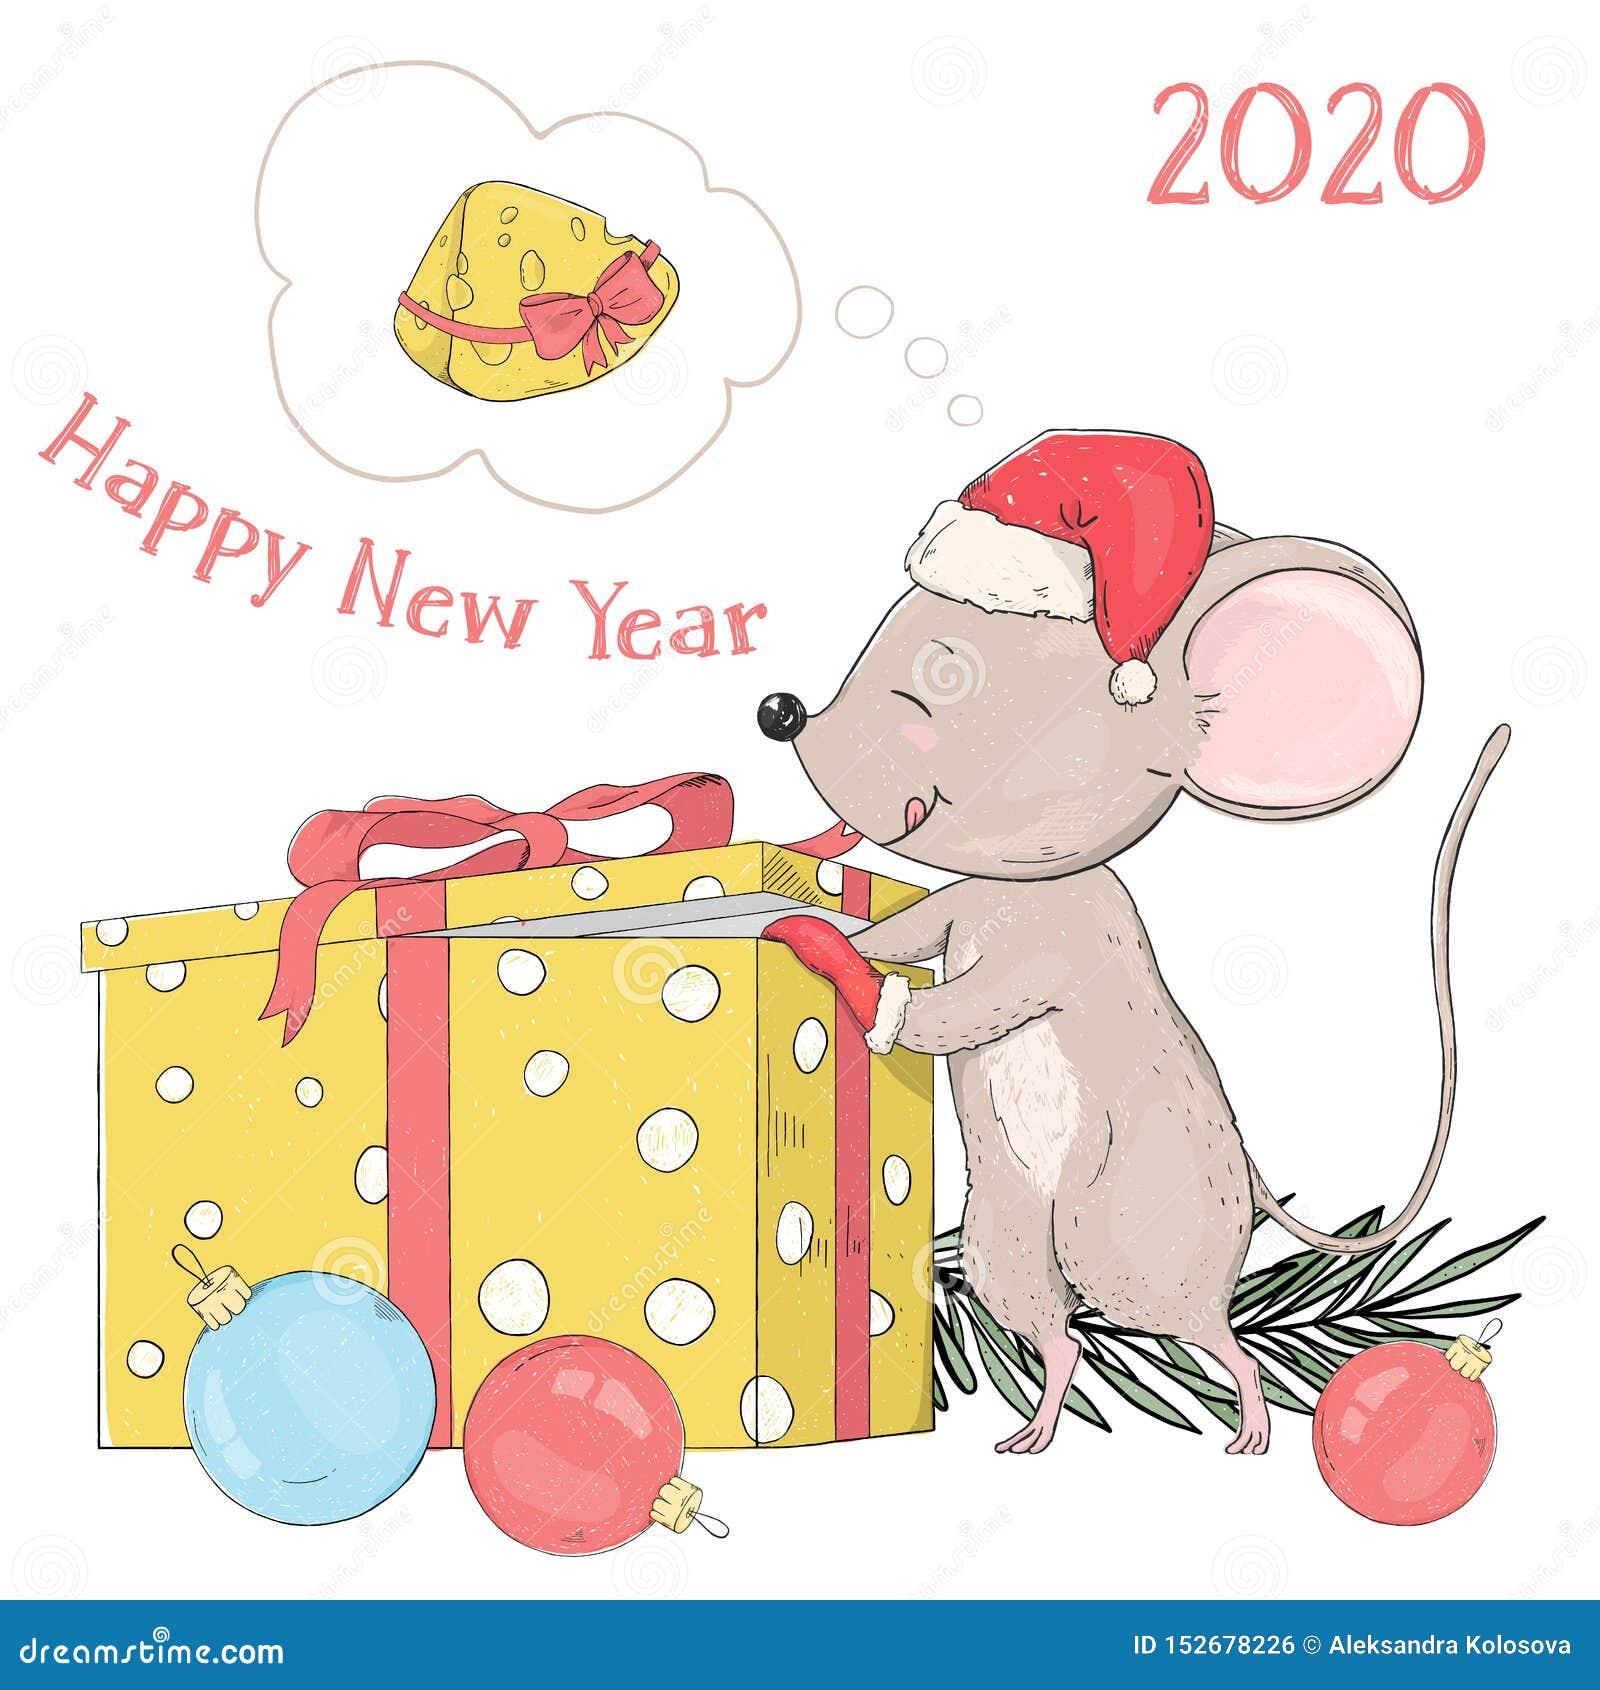 Новый Год 2020 Открытка со смешной маленькой мышью в шляпе ...